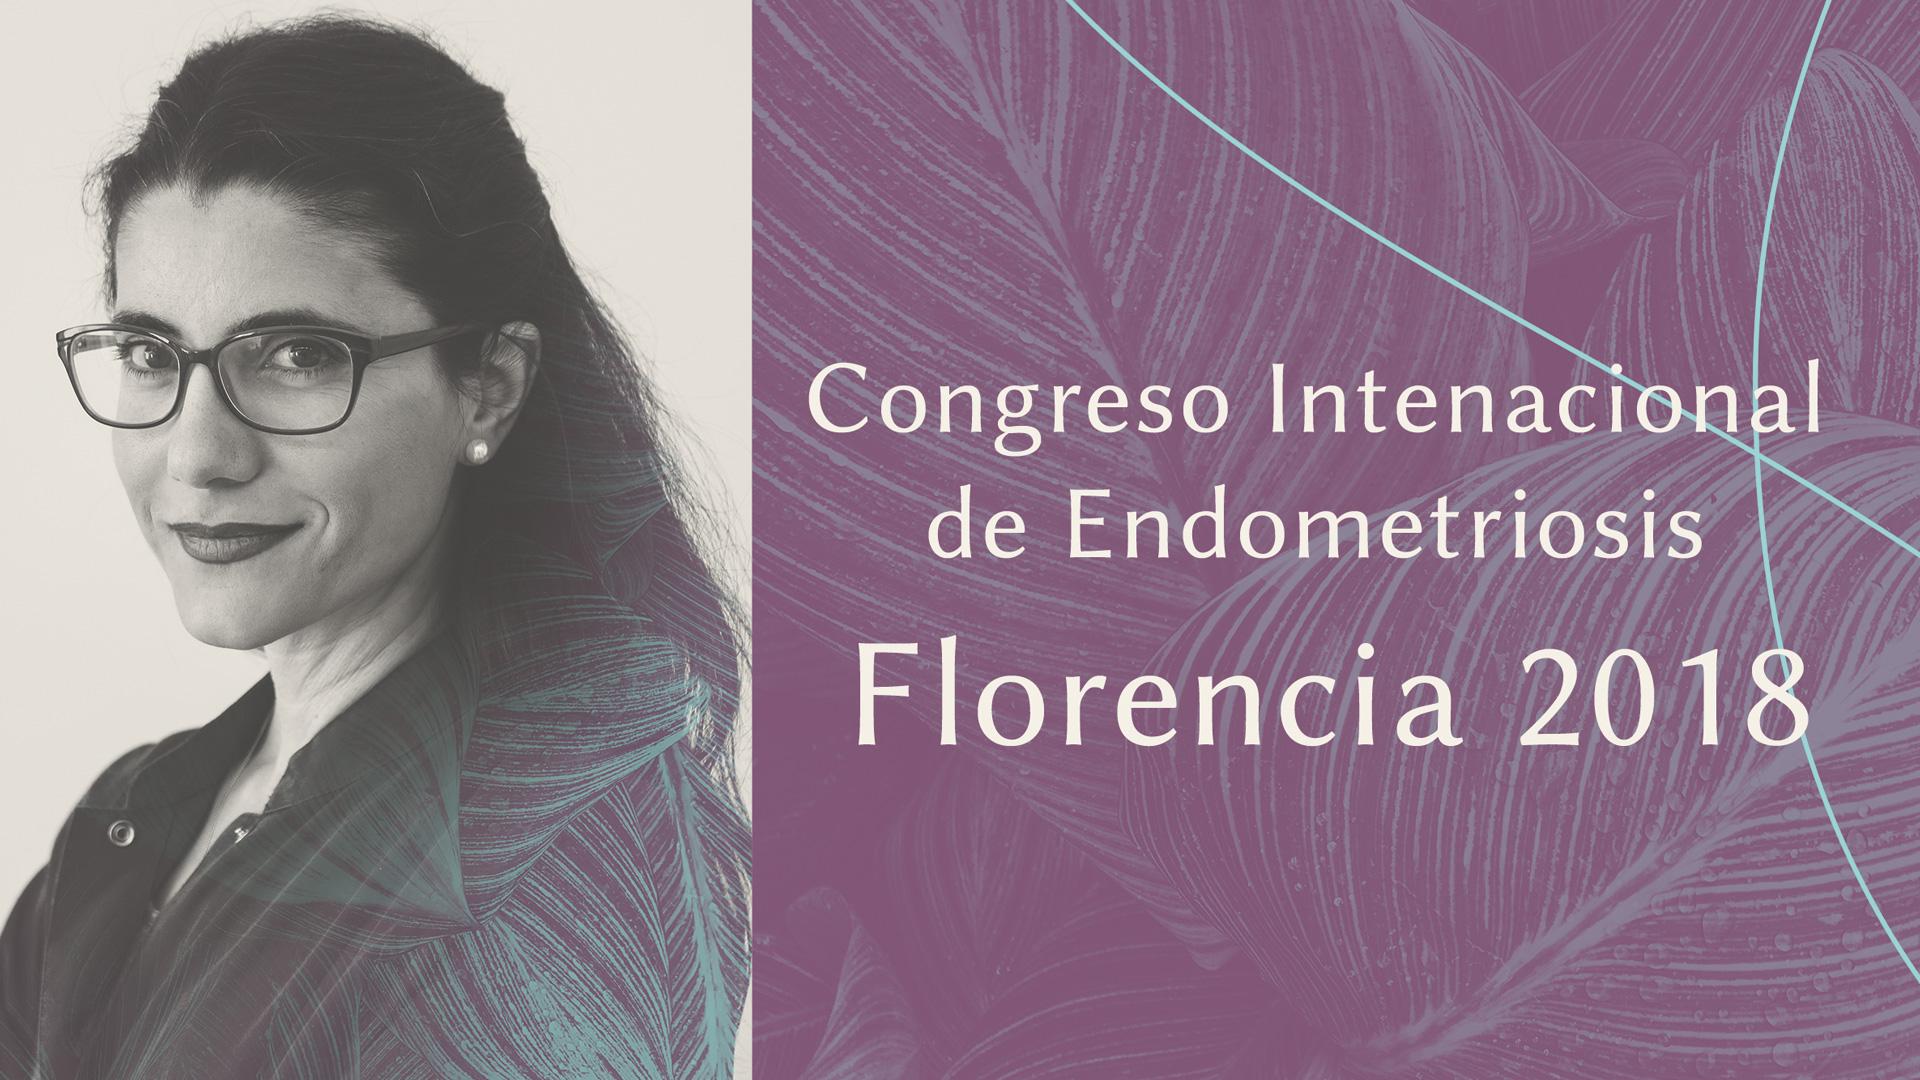 Congreso Internacional de Endometriosis. Florencia 2018